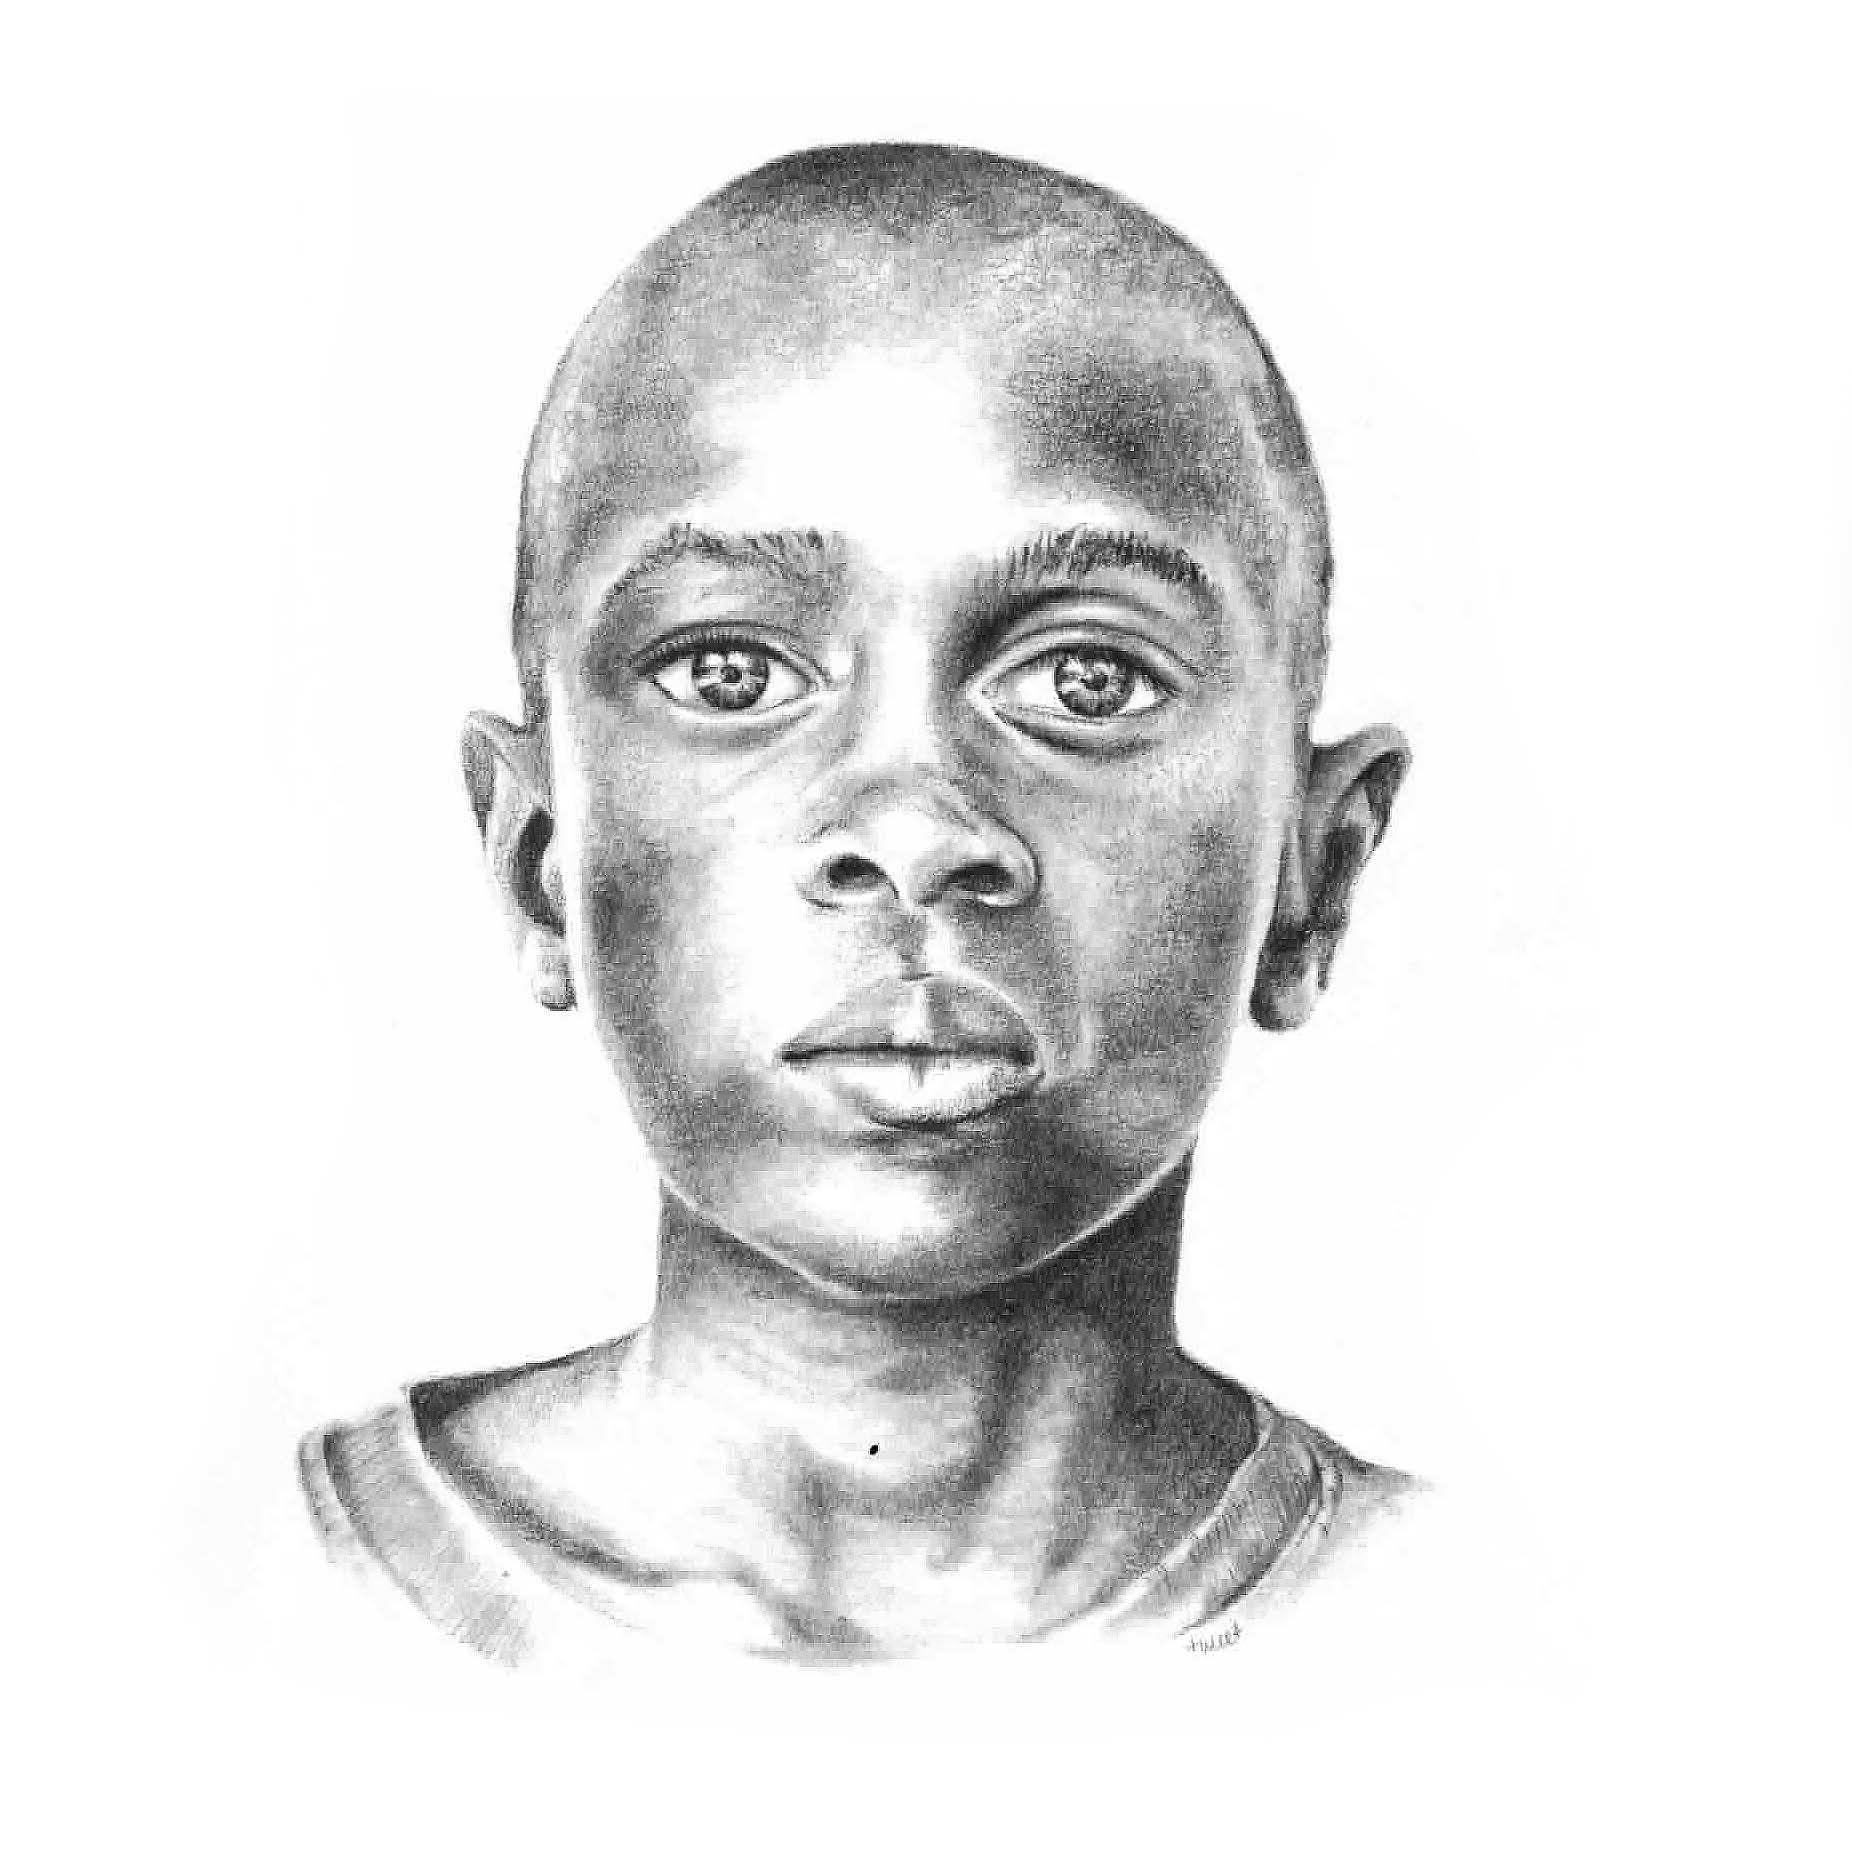 Pencil illustration - Boy's Portrait